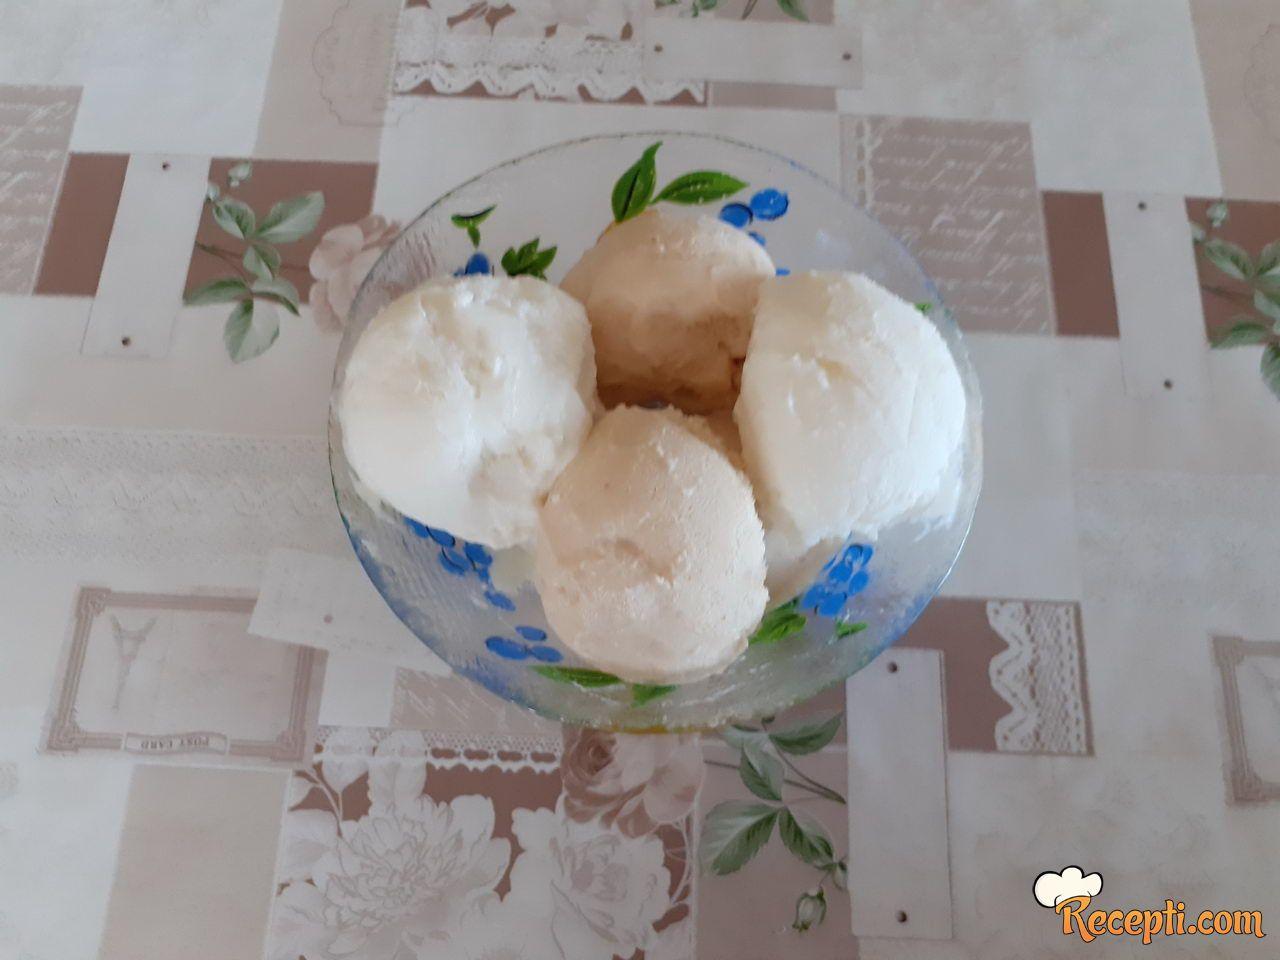 Kapućino sladoled